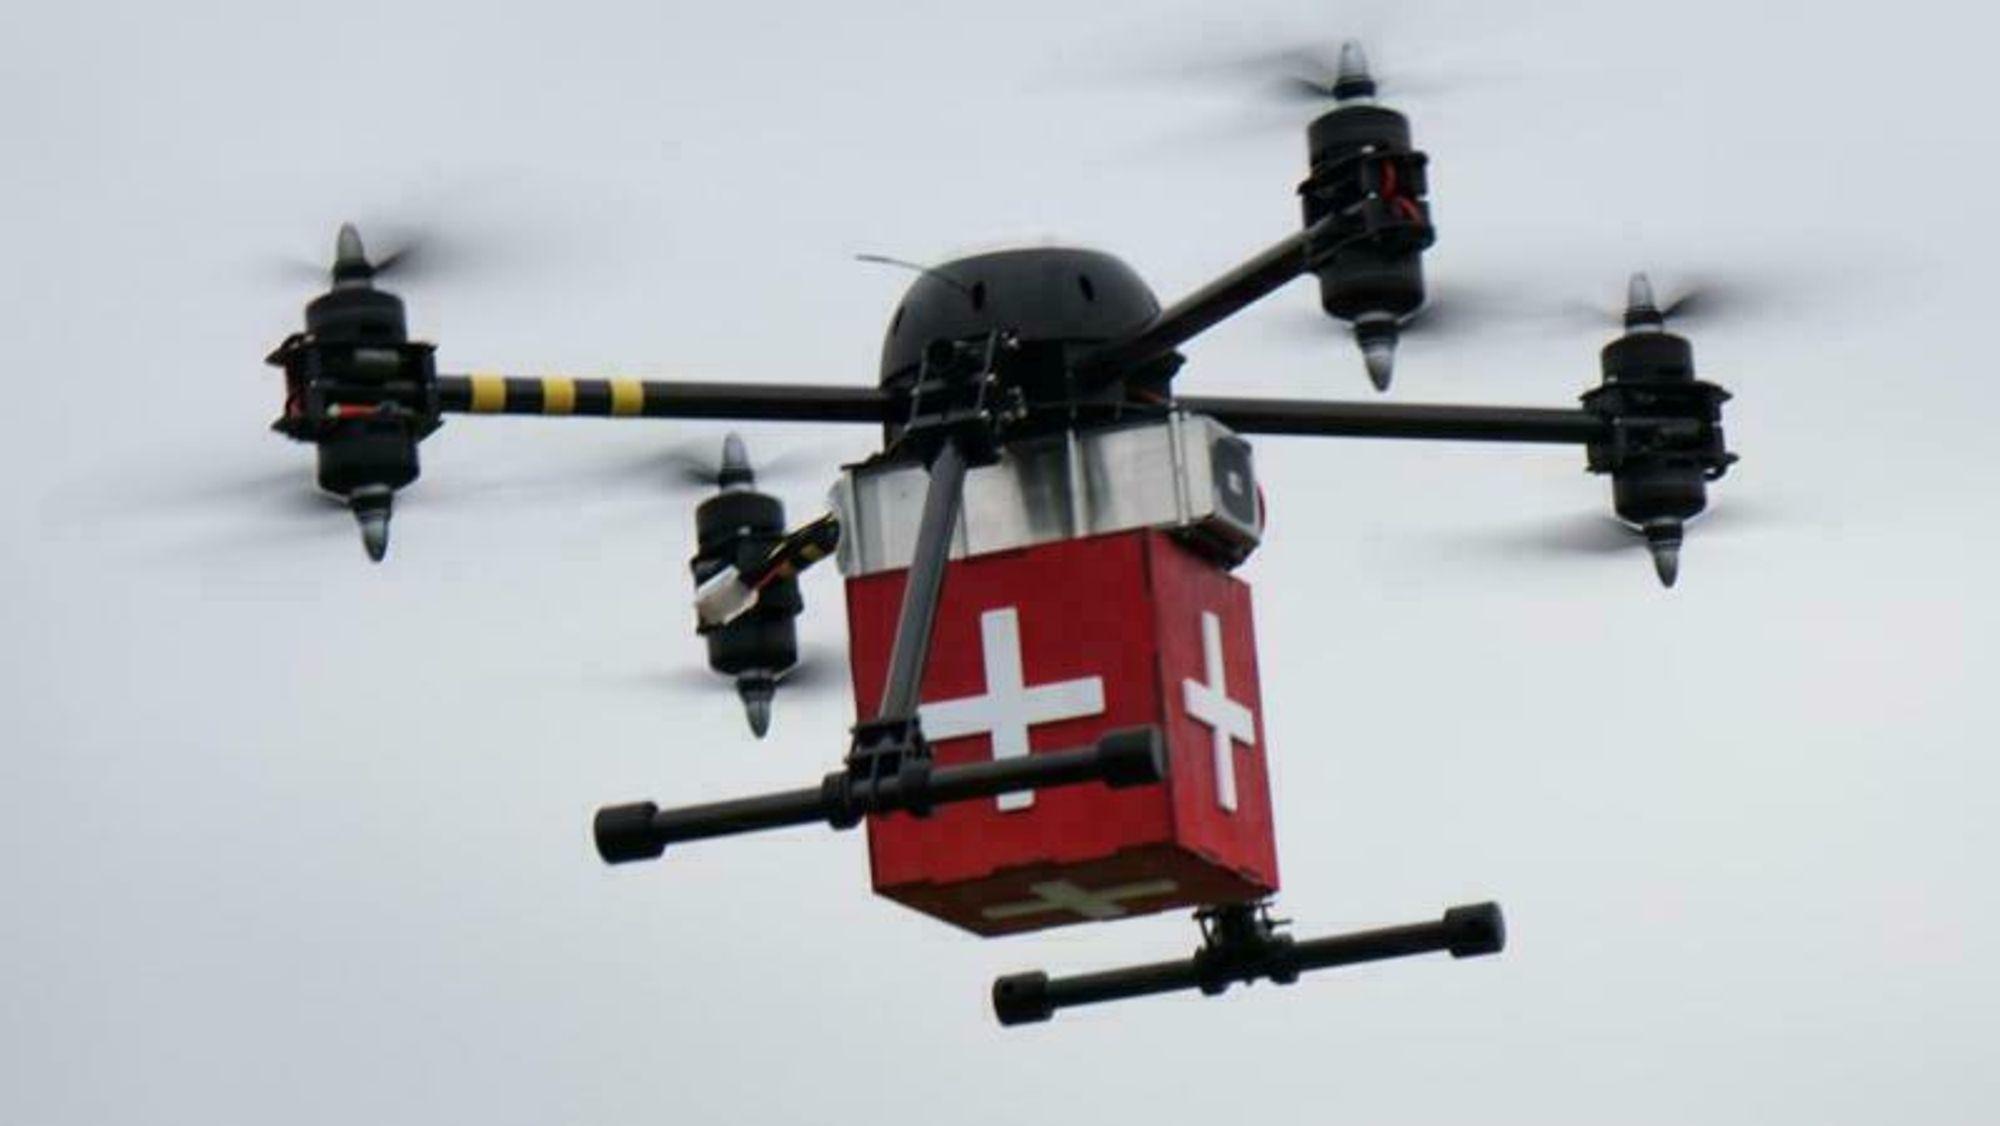 Holos helsedroner, som etter hvert skal føre blodprøver fra Ærø til Odense, vil være med på å teste U-romteknologien.